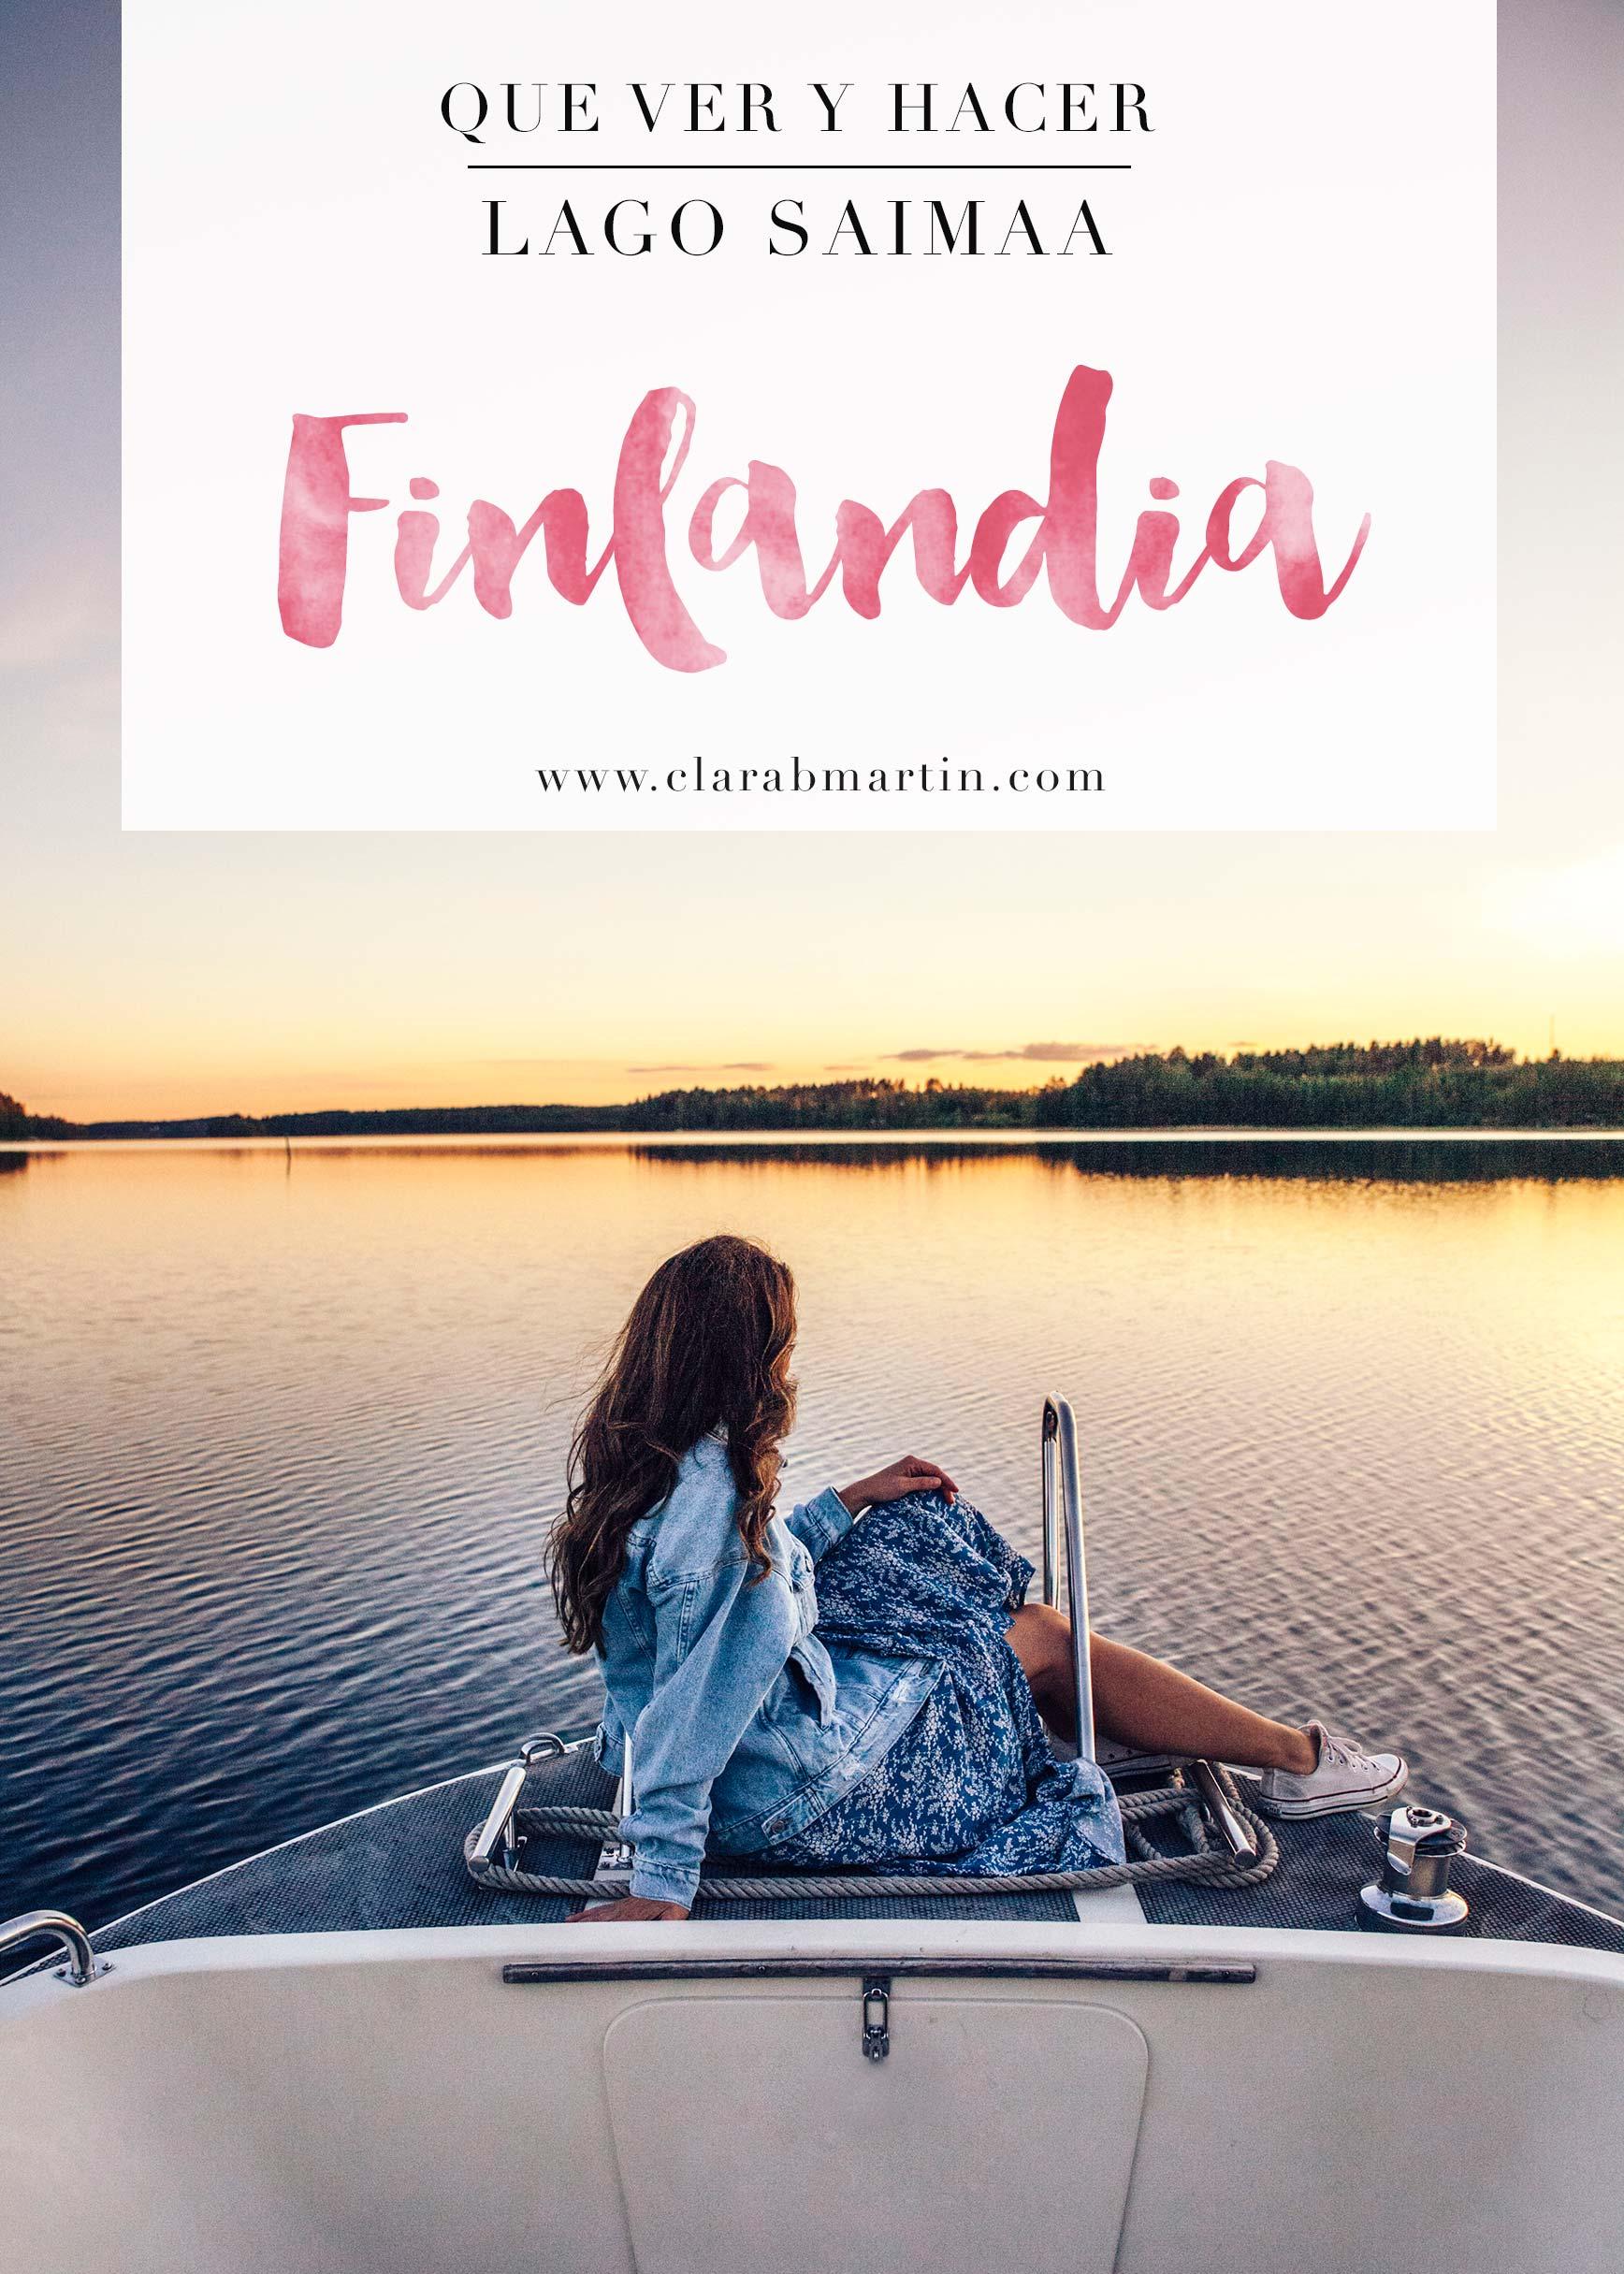 Finlandia Lago Saimaa